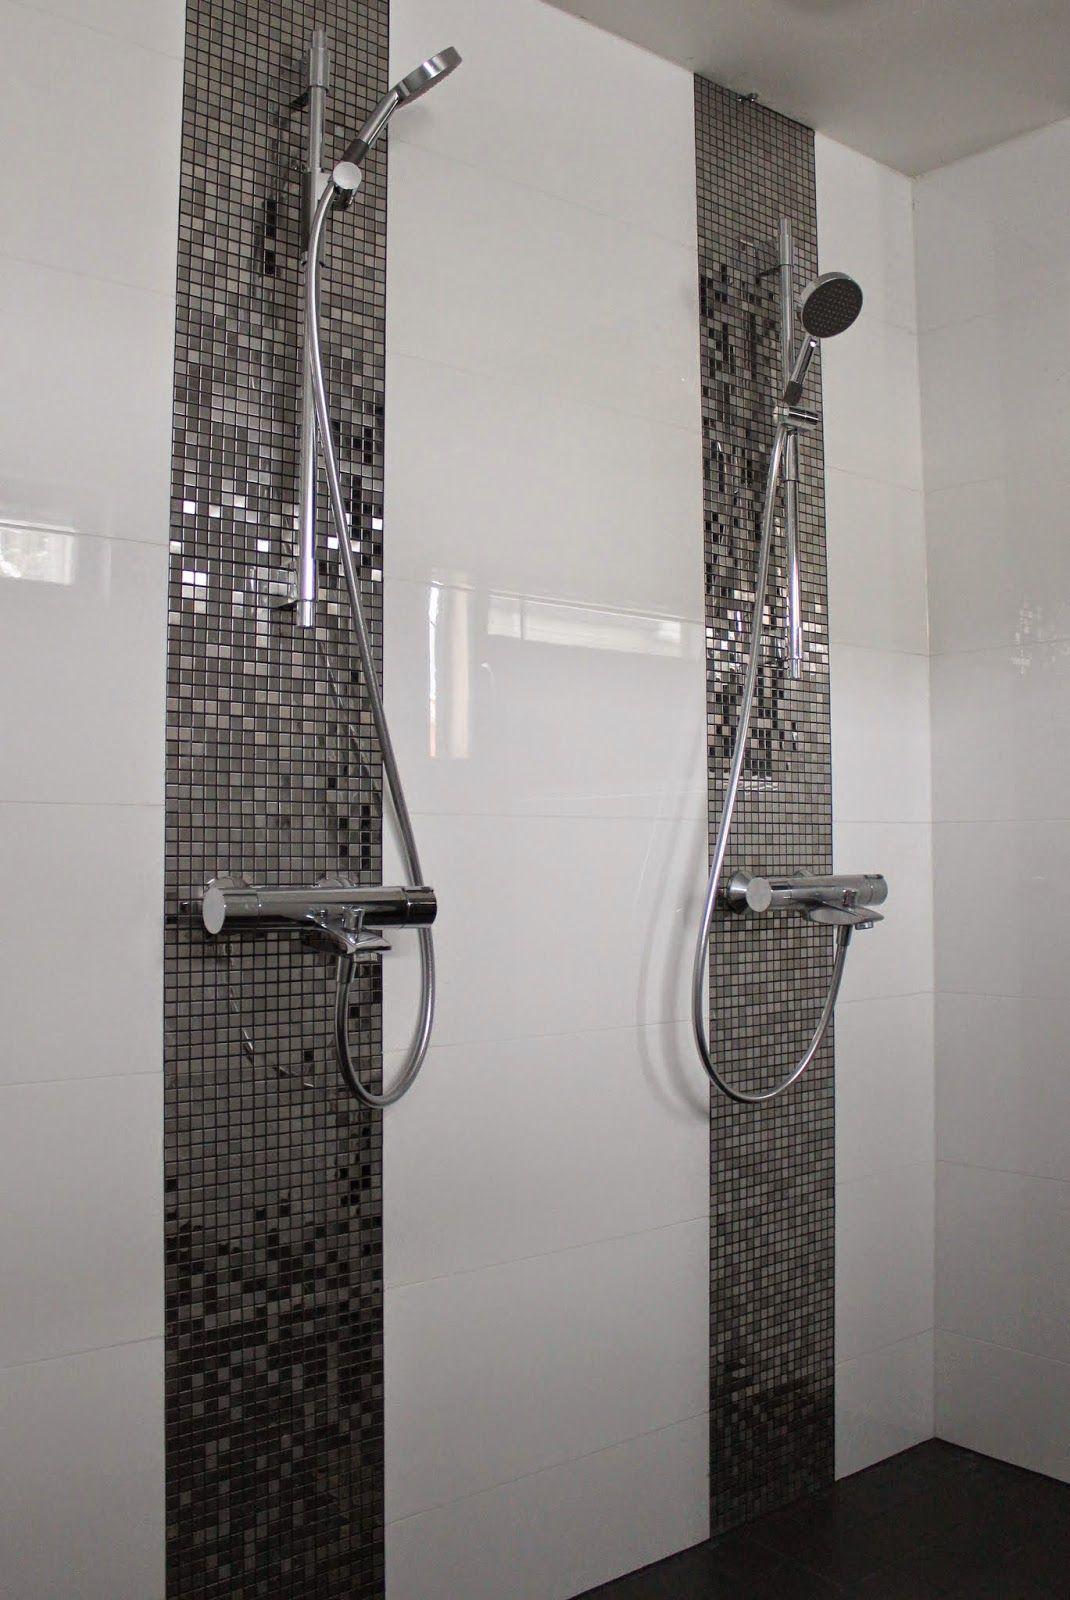 Perinteinen kodinhoitohuone sauna kylpyhuone, Jenni Hynnä ... : badrumsgolv matta : Badrum